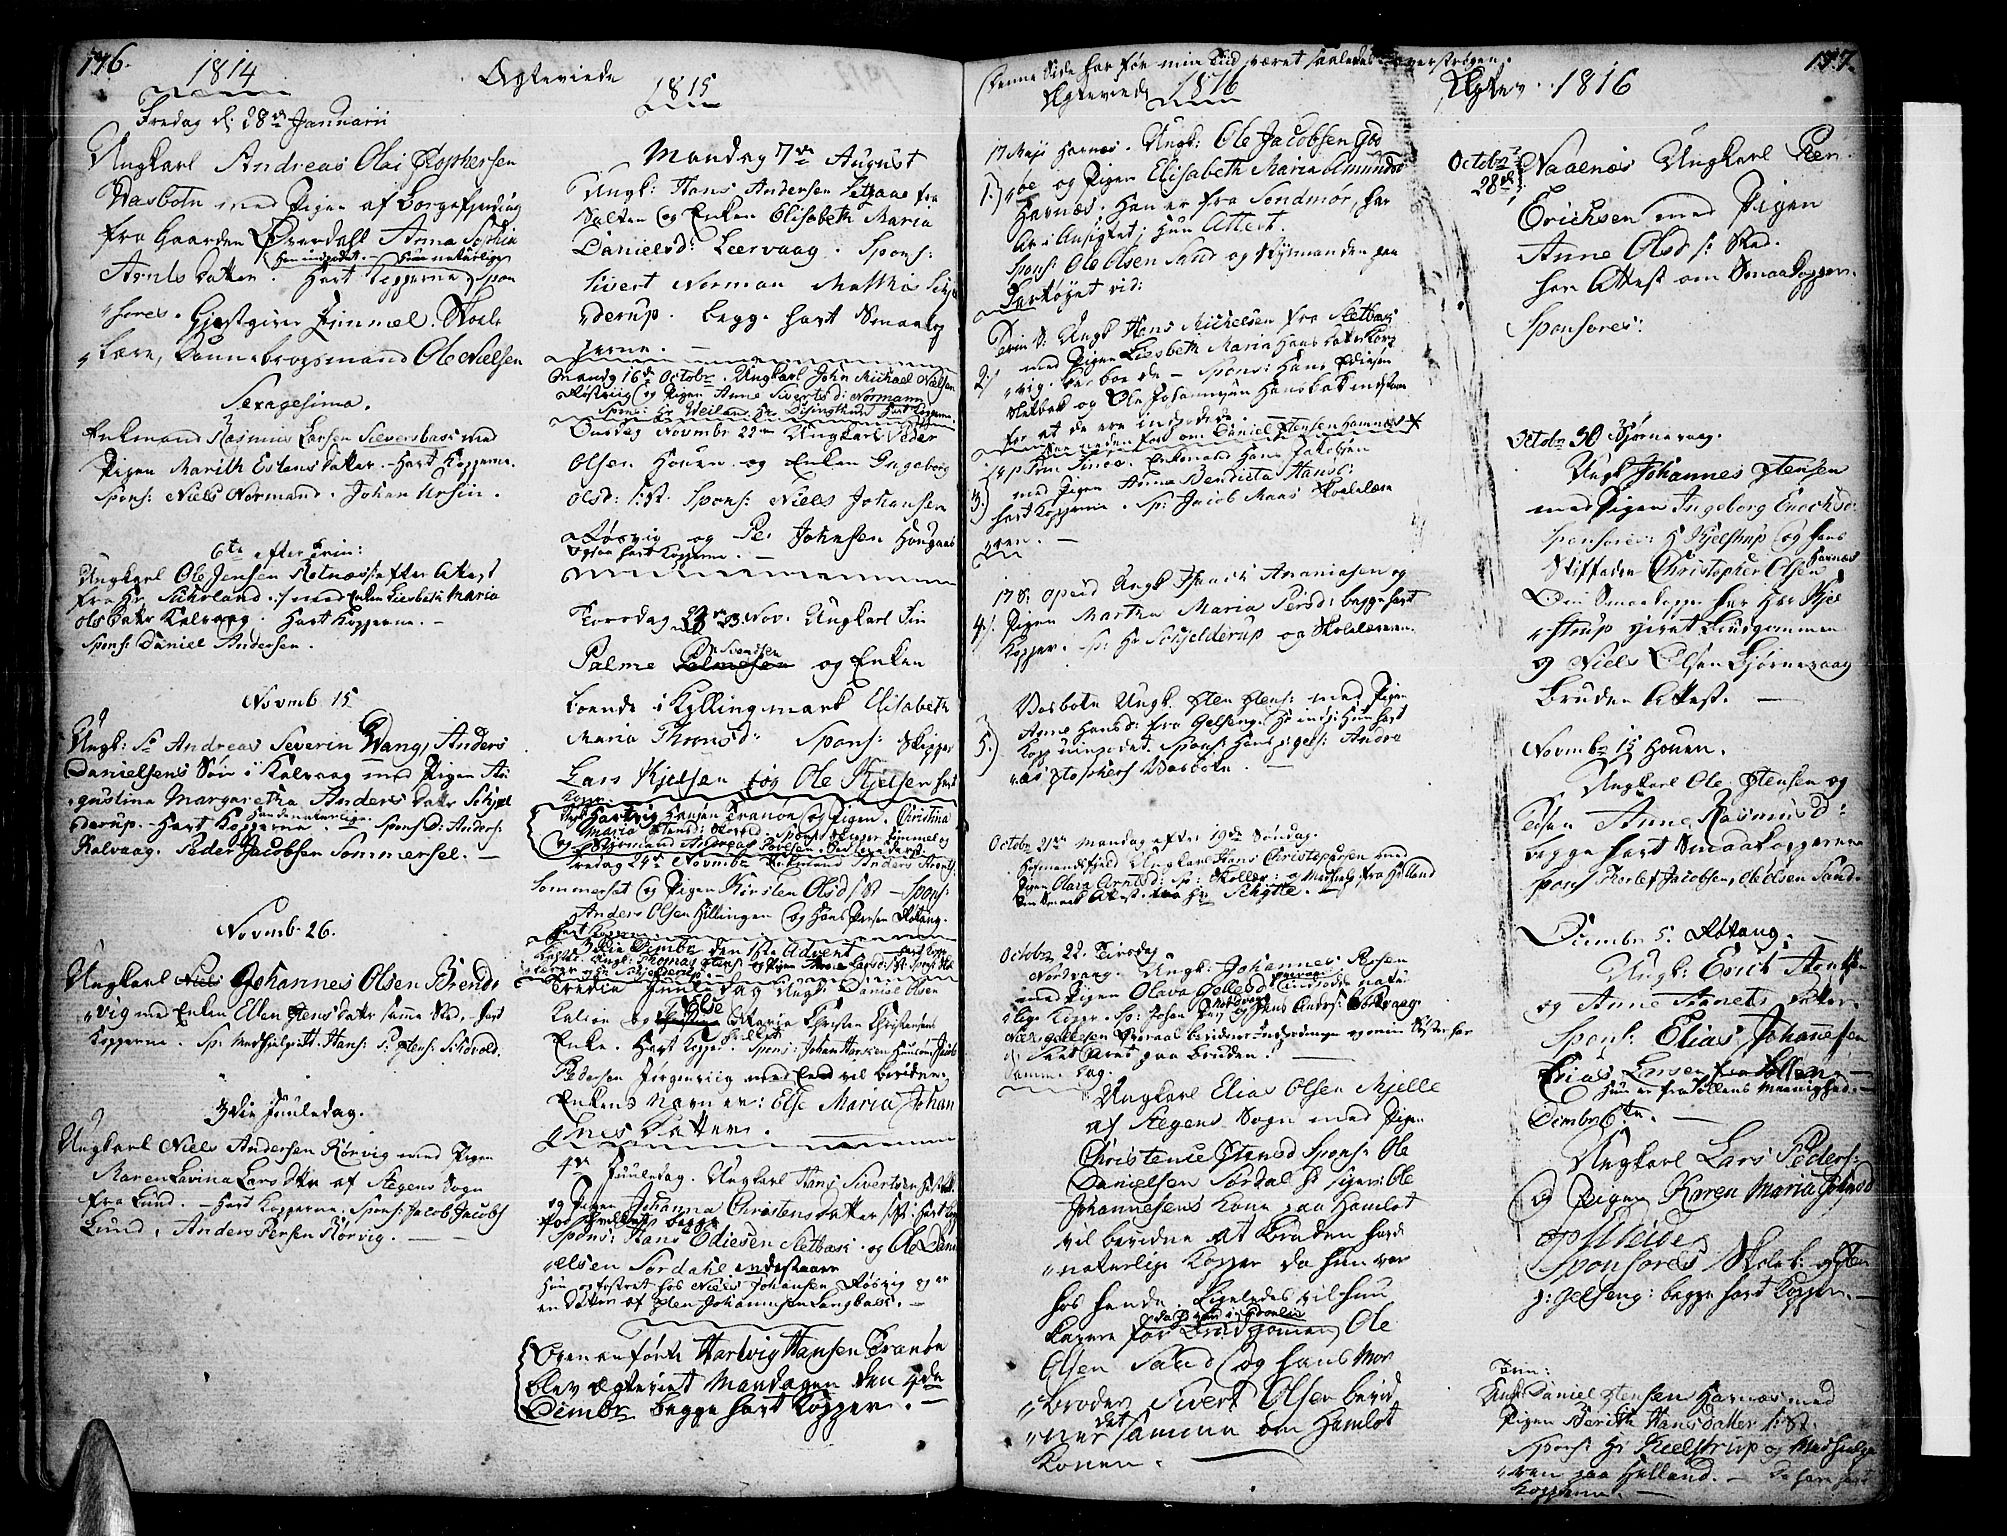 SAT, Ministerialprotokoller, klokkerbøker og fødselsregistre - Nordland, 859/L0841: Parish register (official) no. 859A01, 1766-1821, p. 176-177